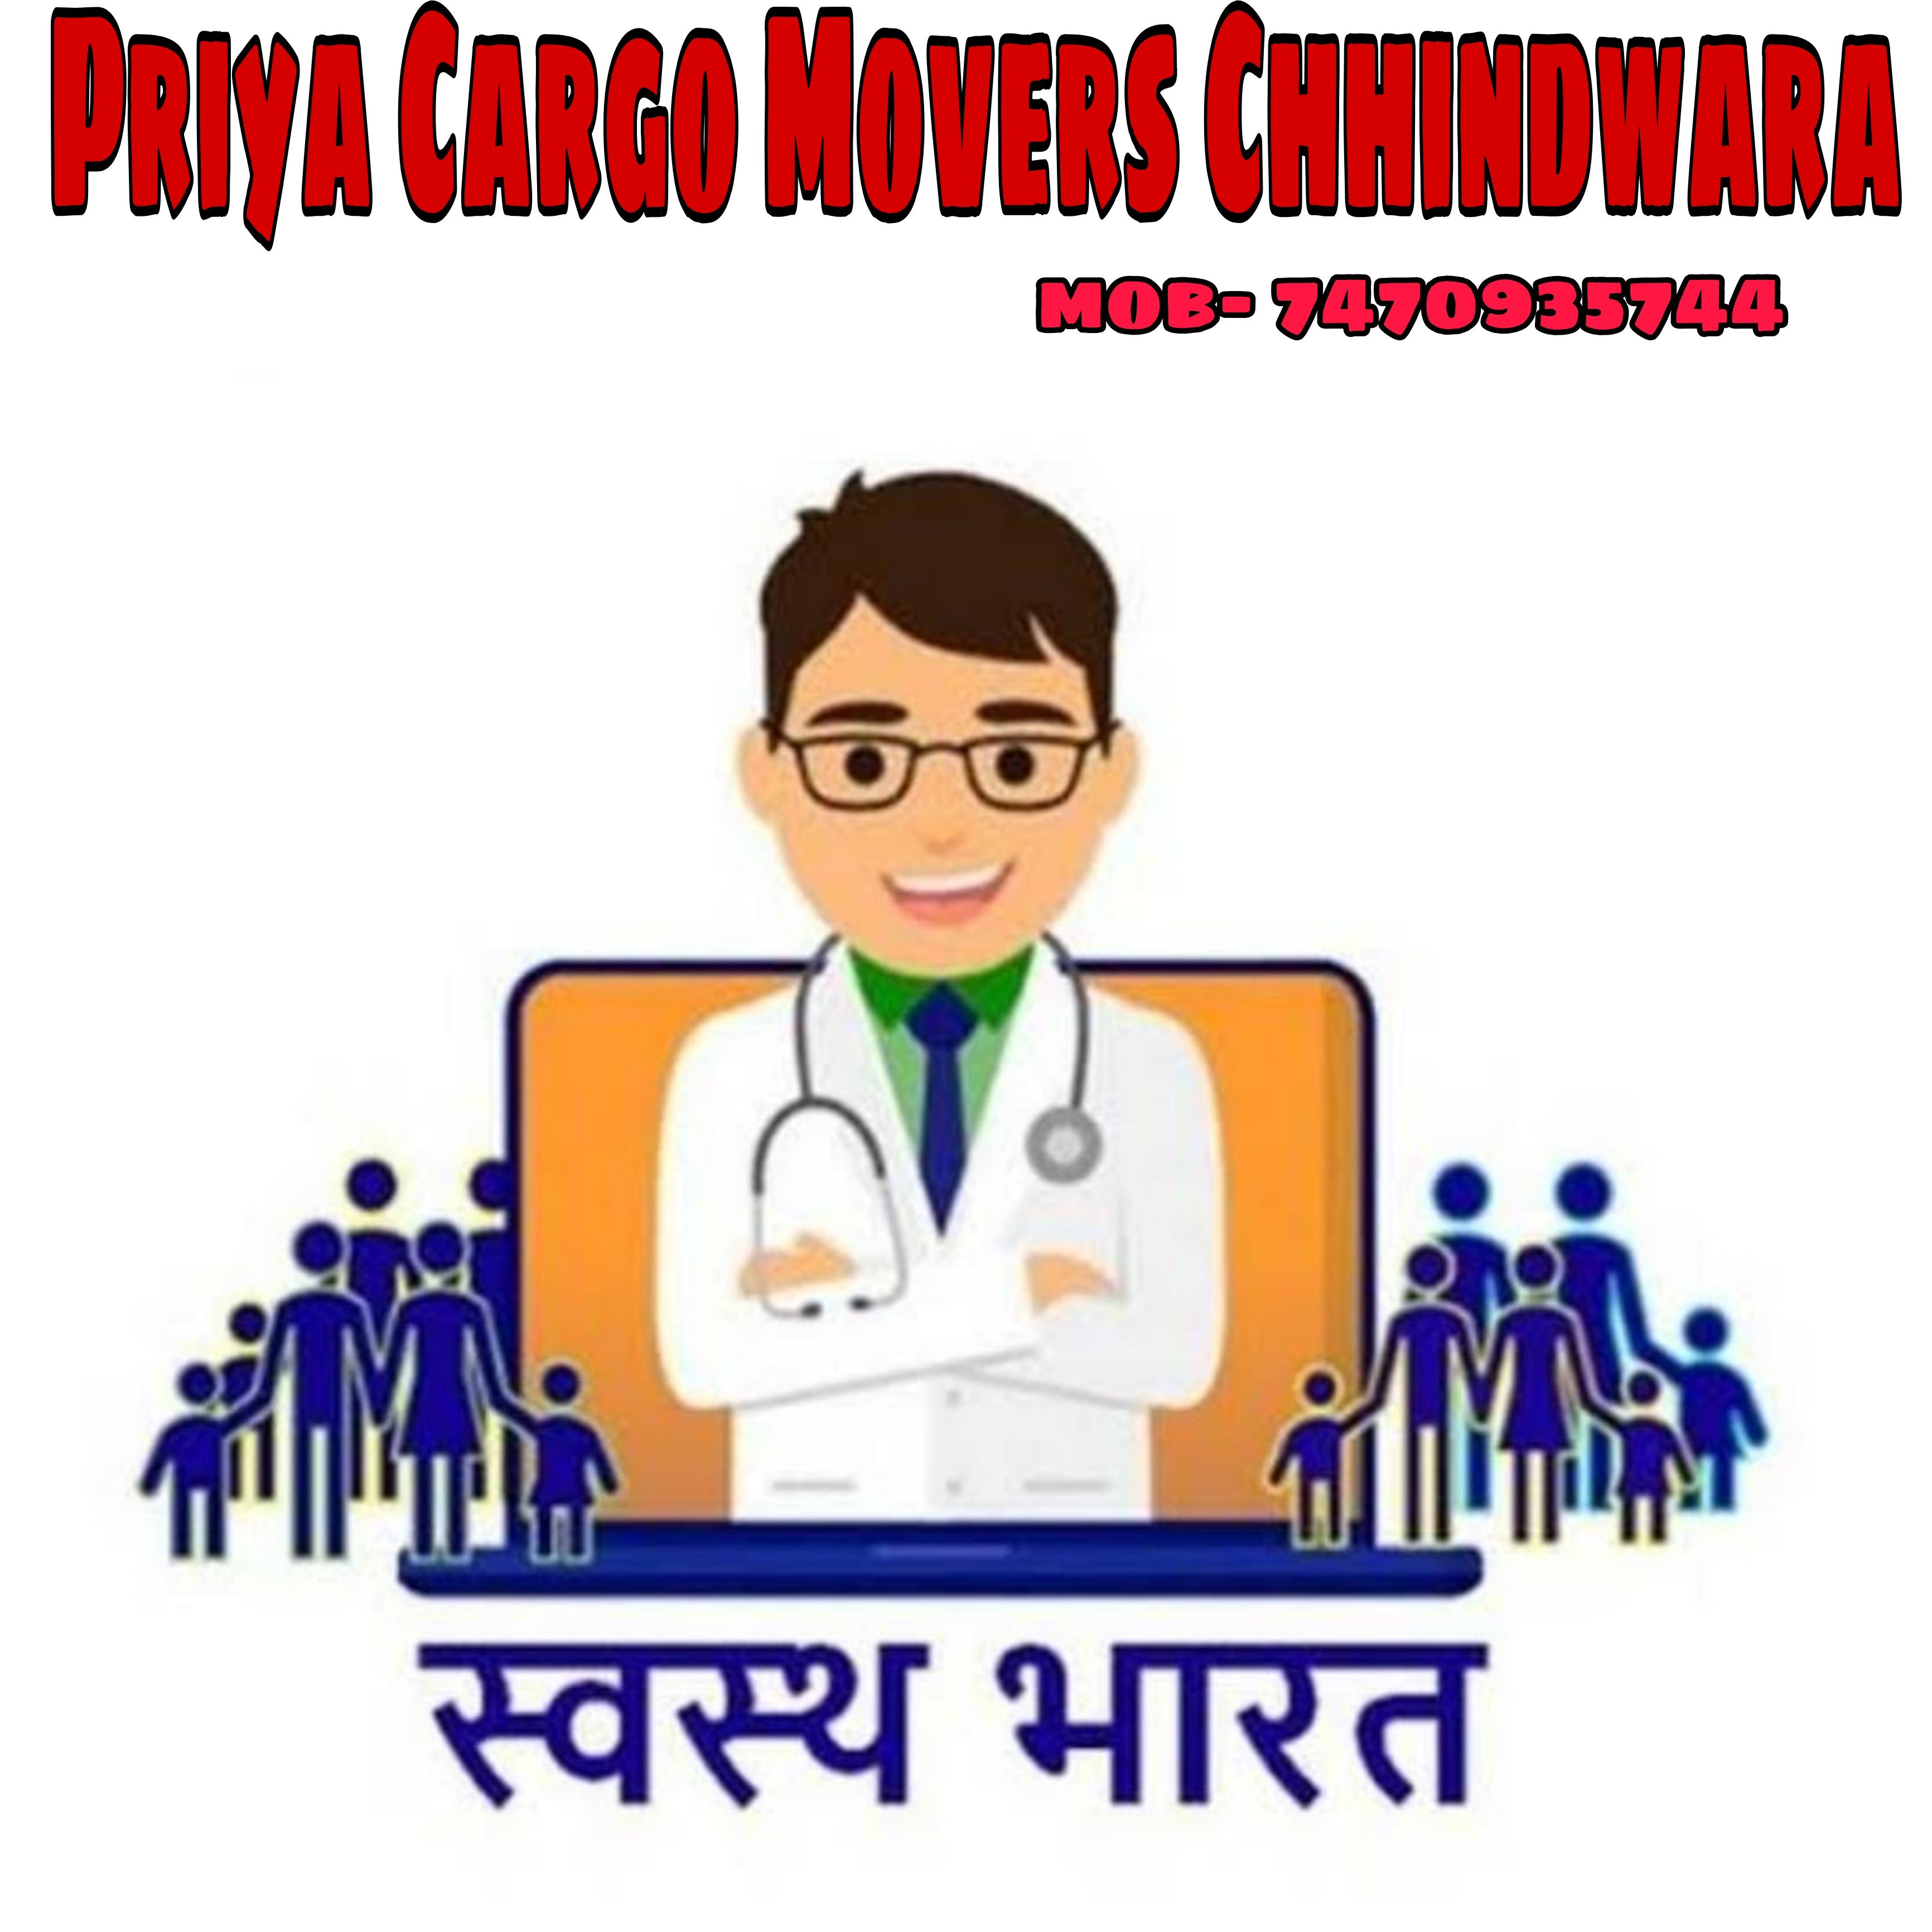 Priya Cargo Movers Chhindwara